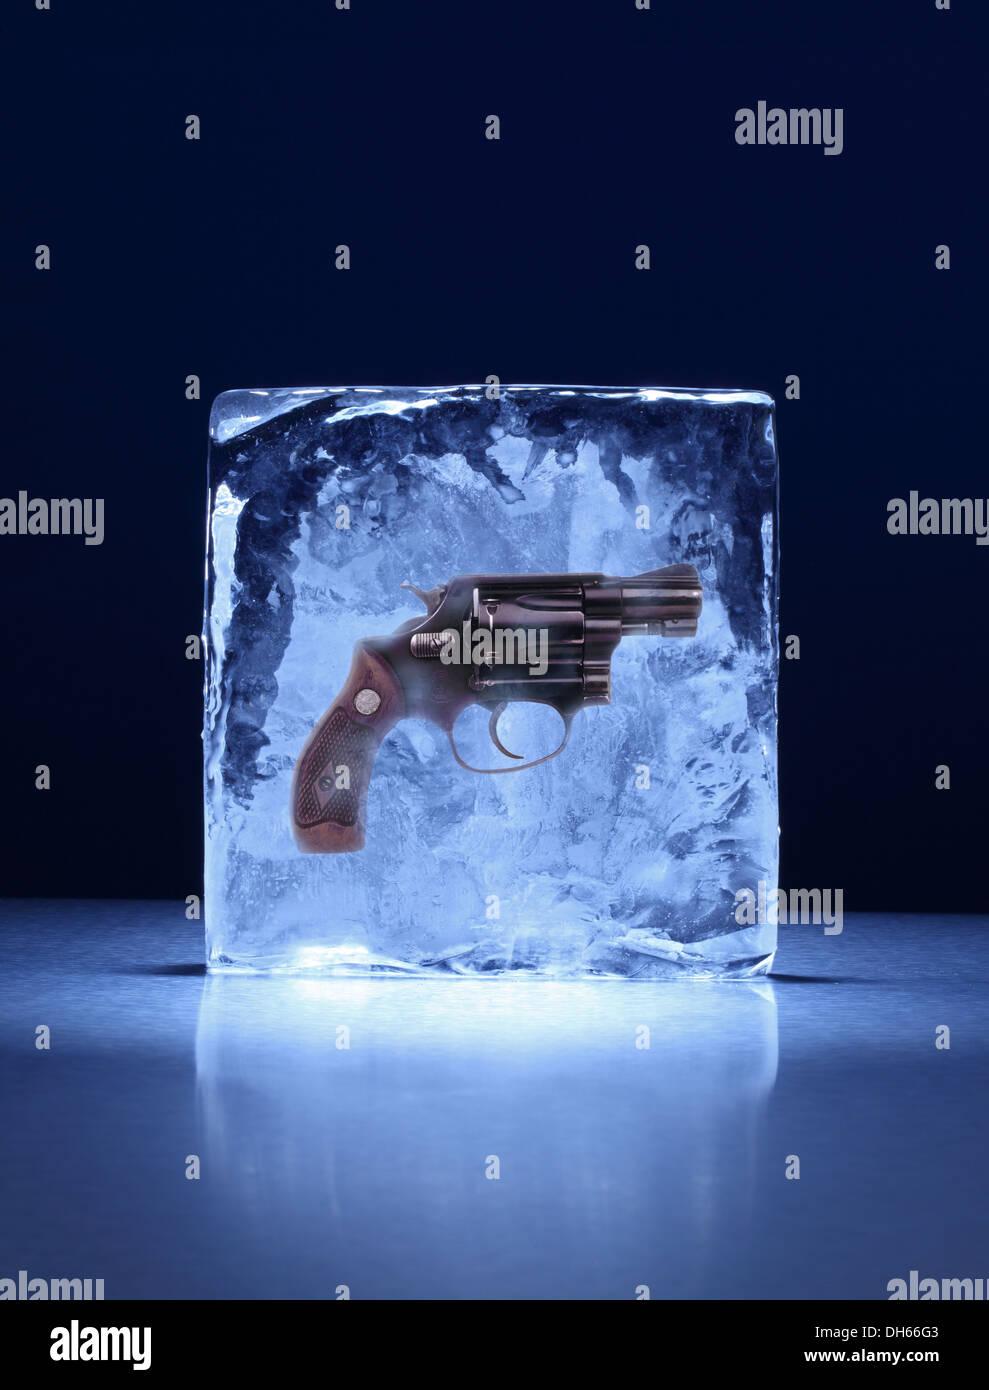 Una pistola congelada en un bloque de hielo claro Imagen De Stock